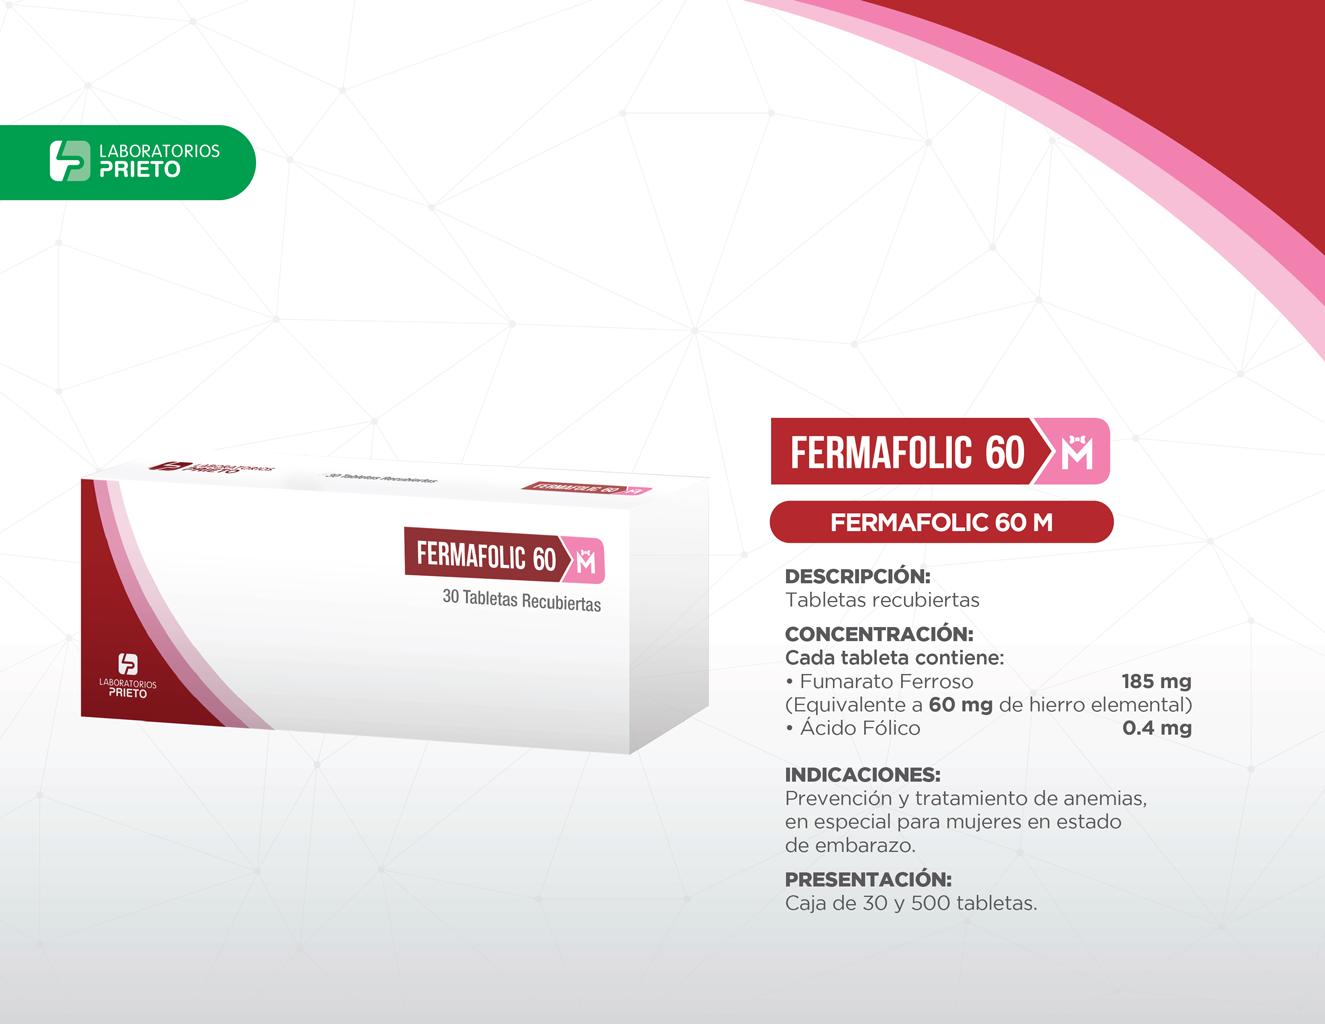 Vademecum-de-productos-Laboratorios-Prieto_Page_30